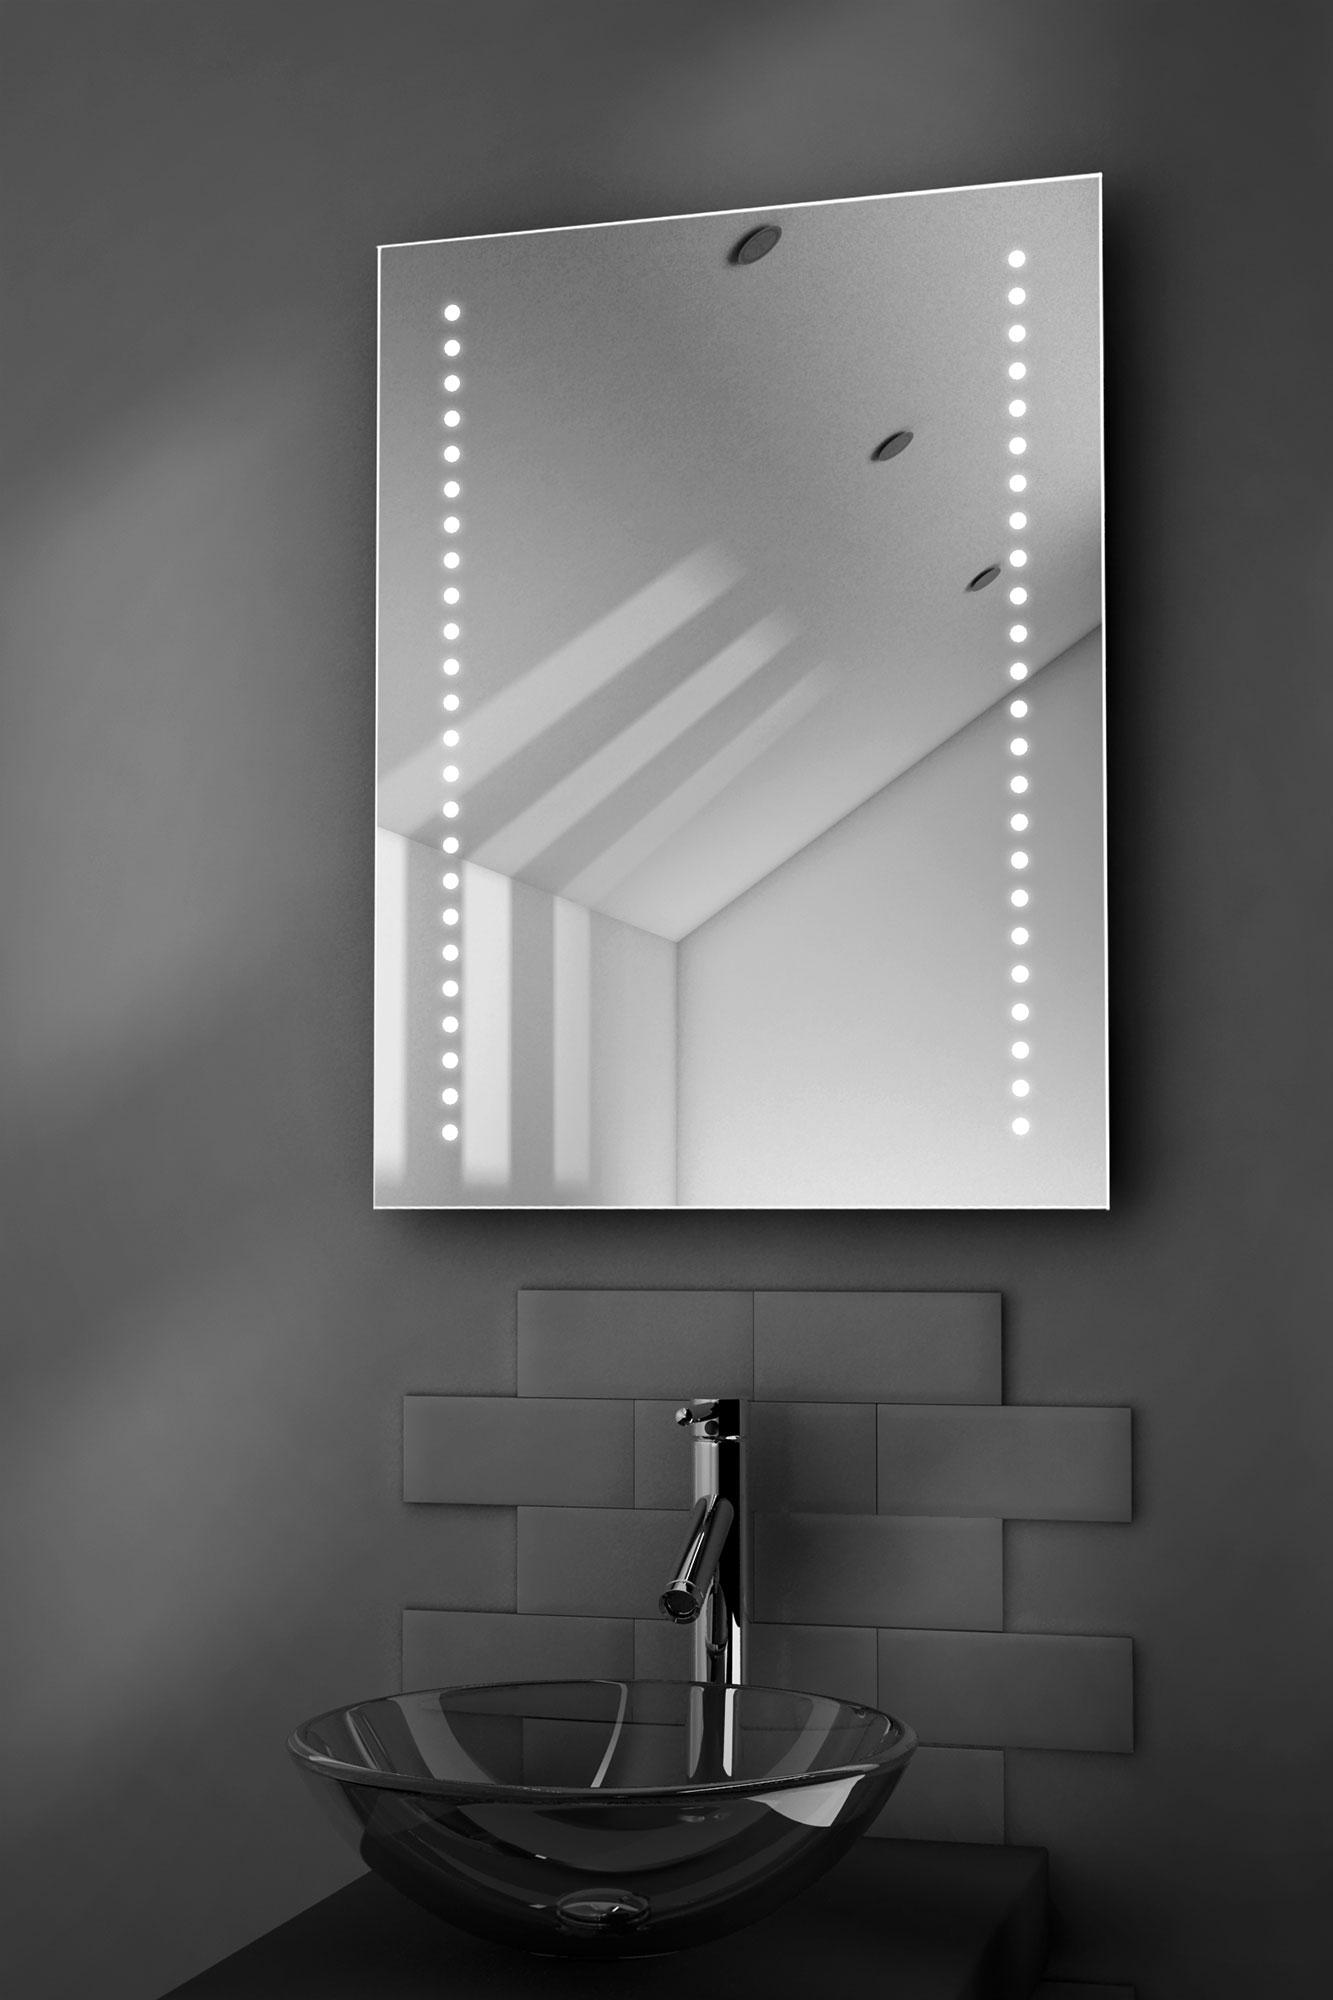 Specchio bagno a led per rasatura echo con pannello antiappannante e sensore ebay - Specchio led bagno ...